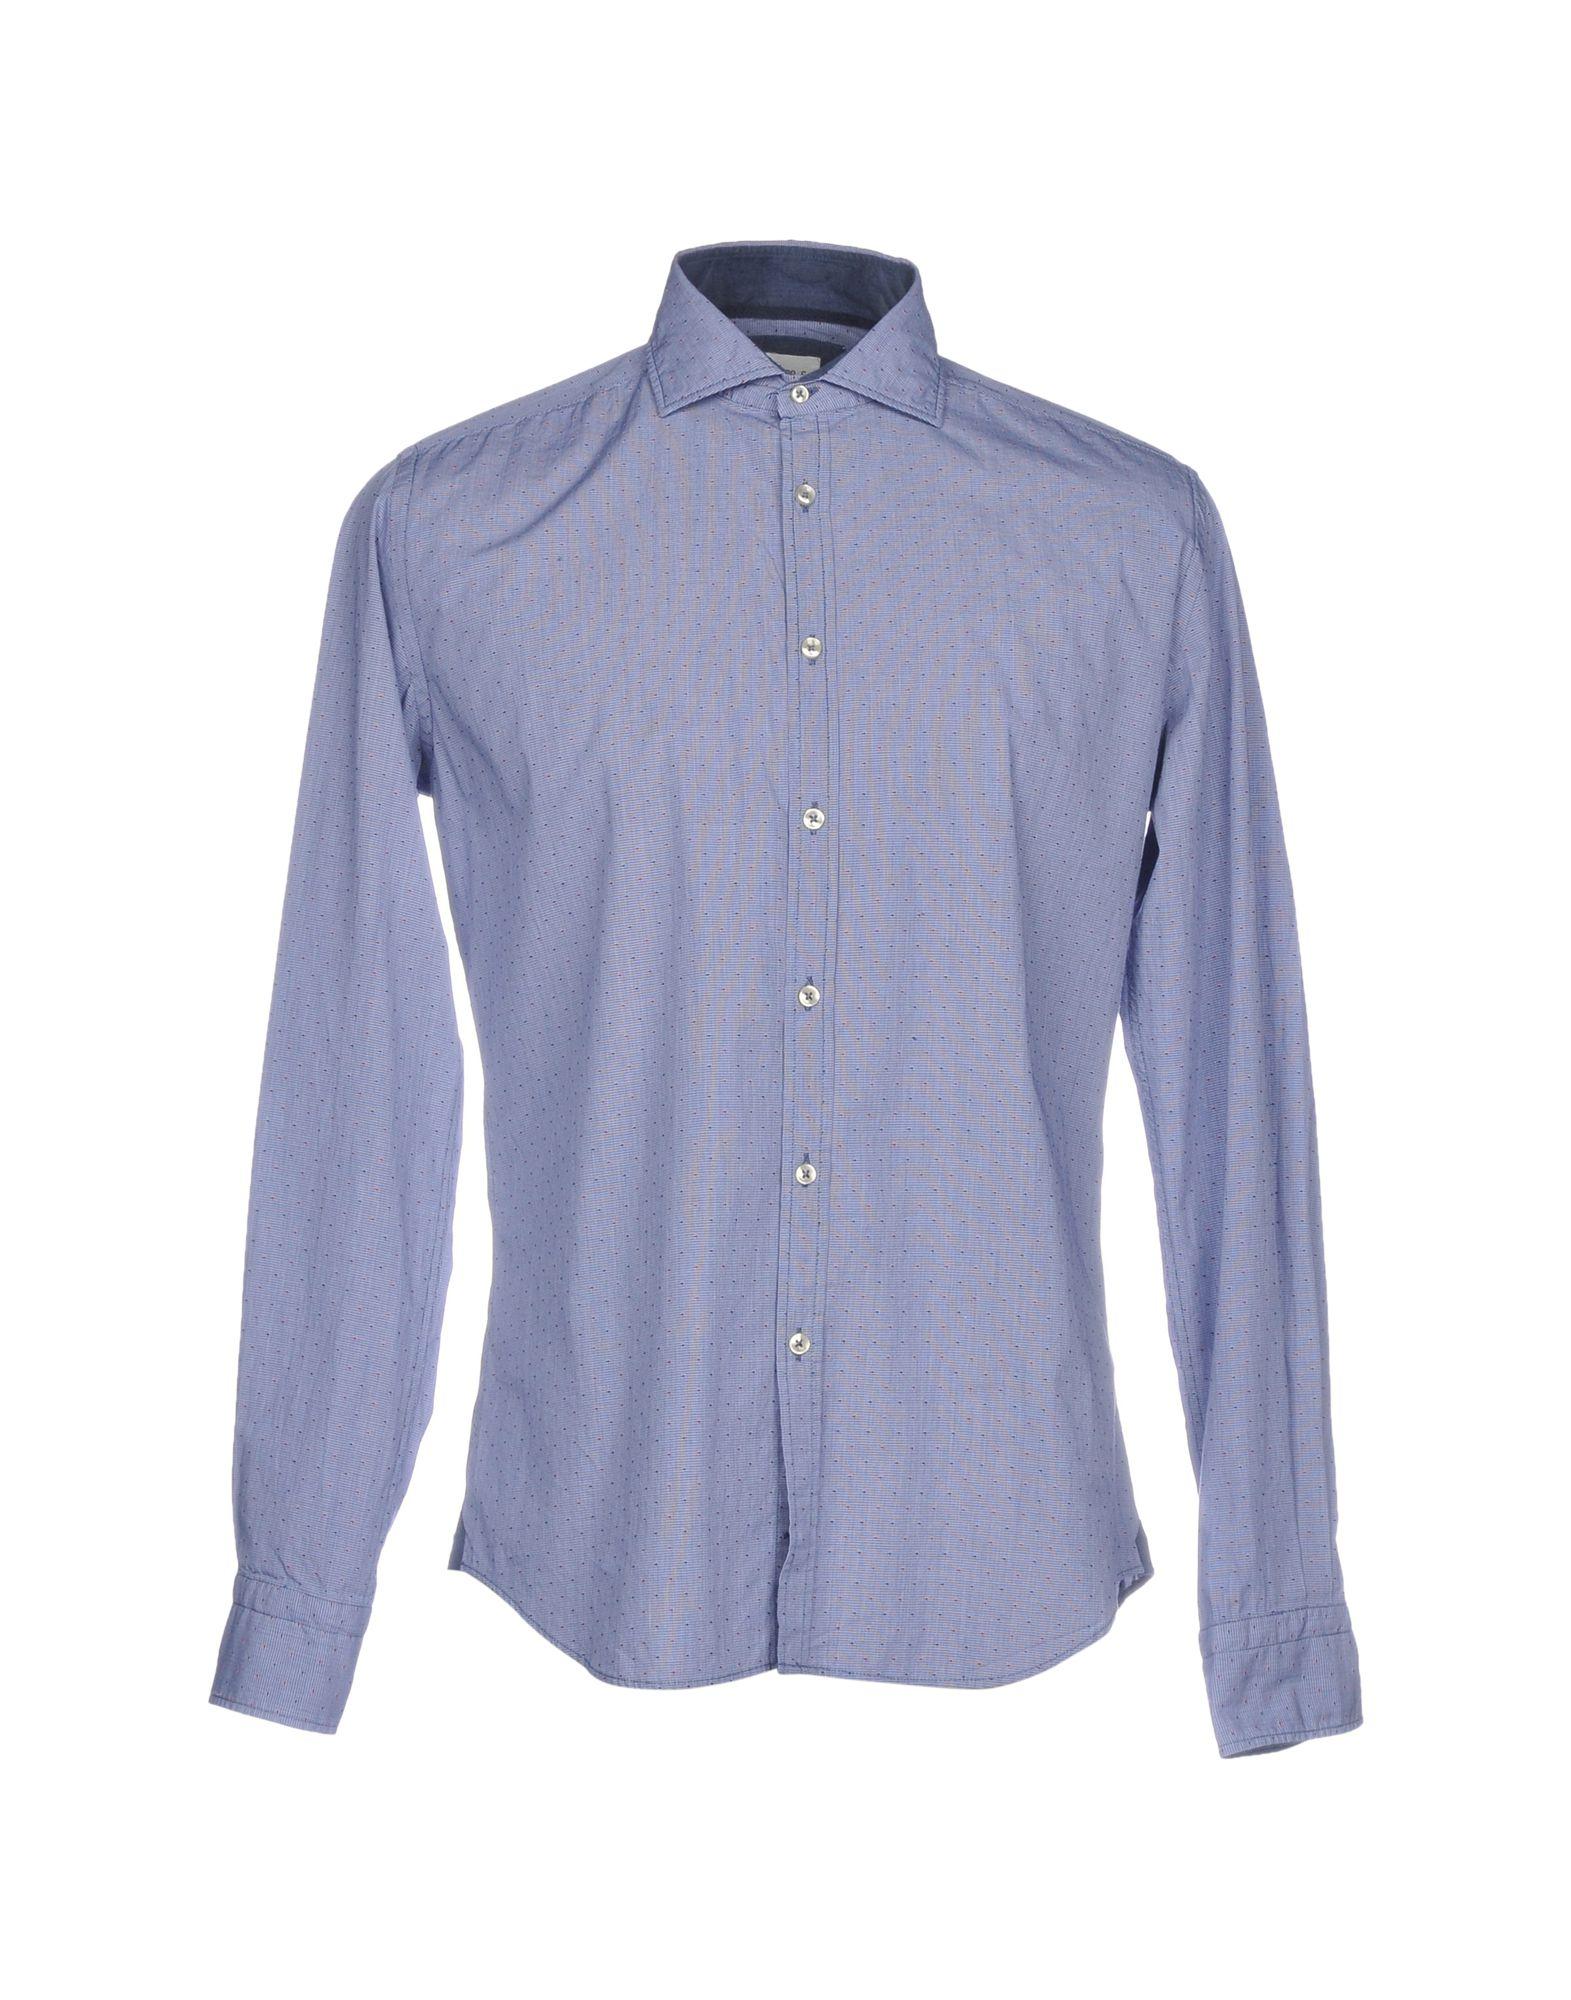 《送料無料》JACOPO C. メンズ シャツ アジュールブルー 41 コットン 100%